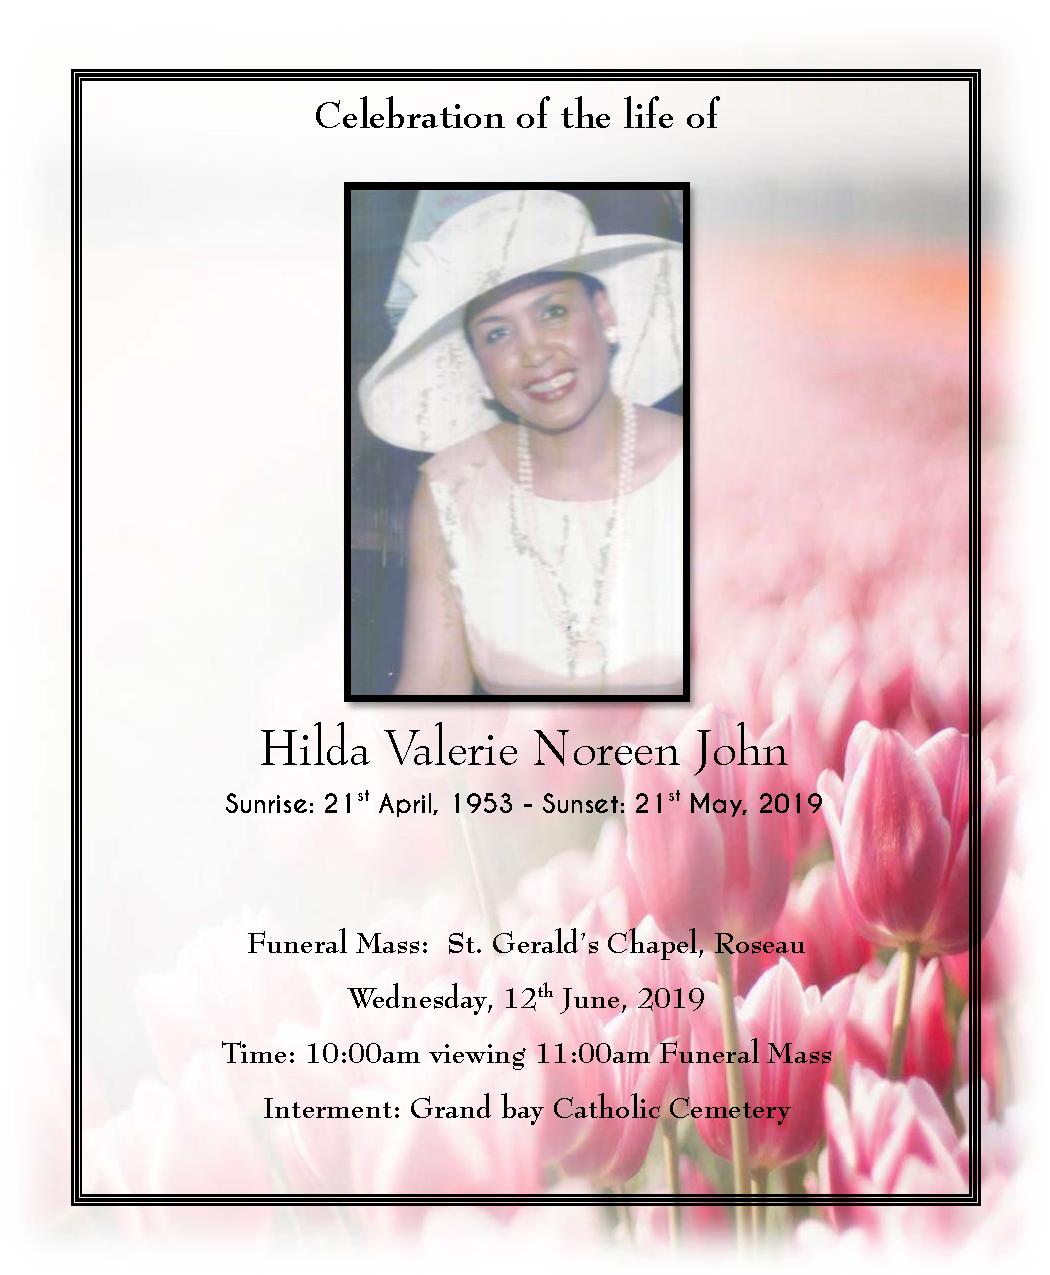 Funeral Service of Hilda Valerie Noreen John - 12 June 2019